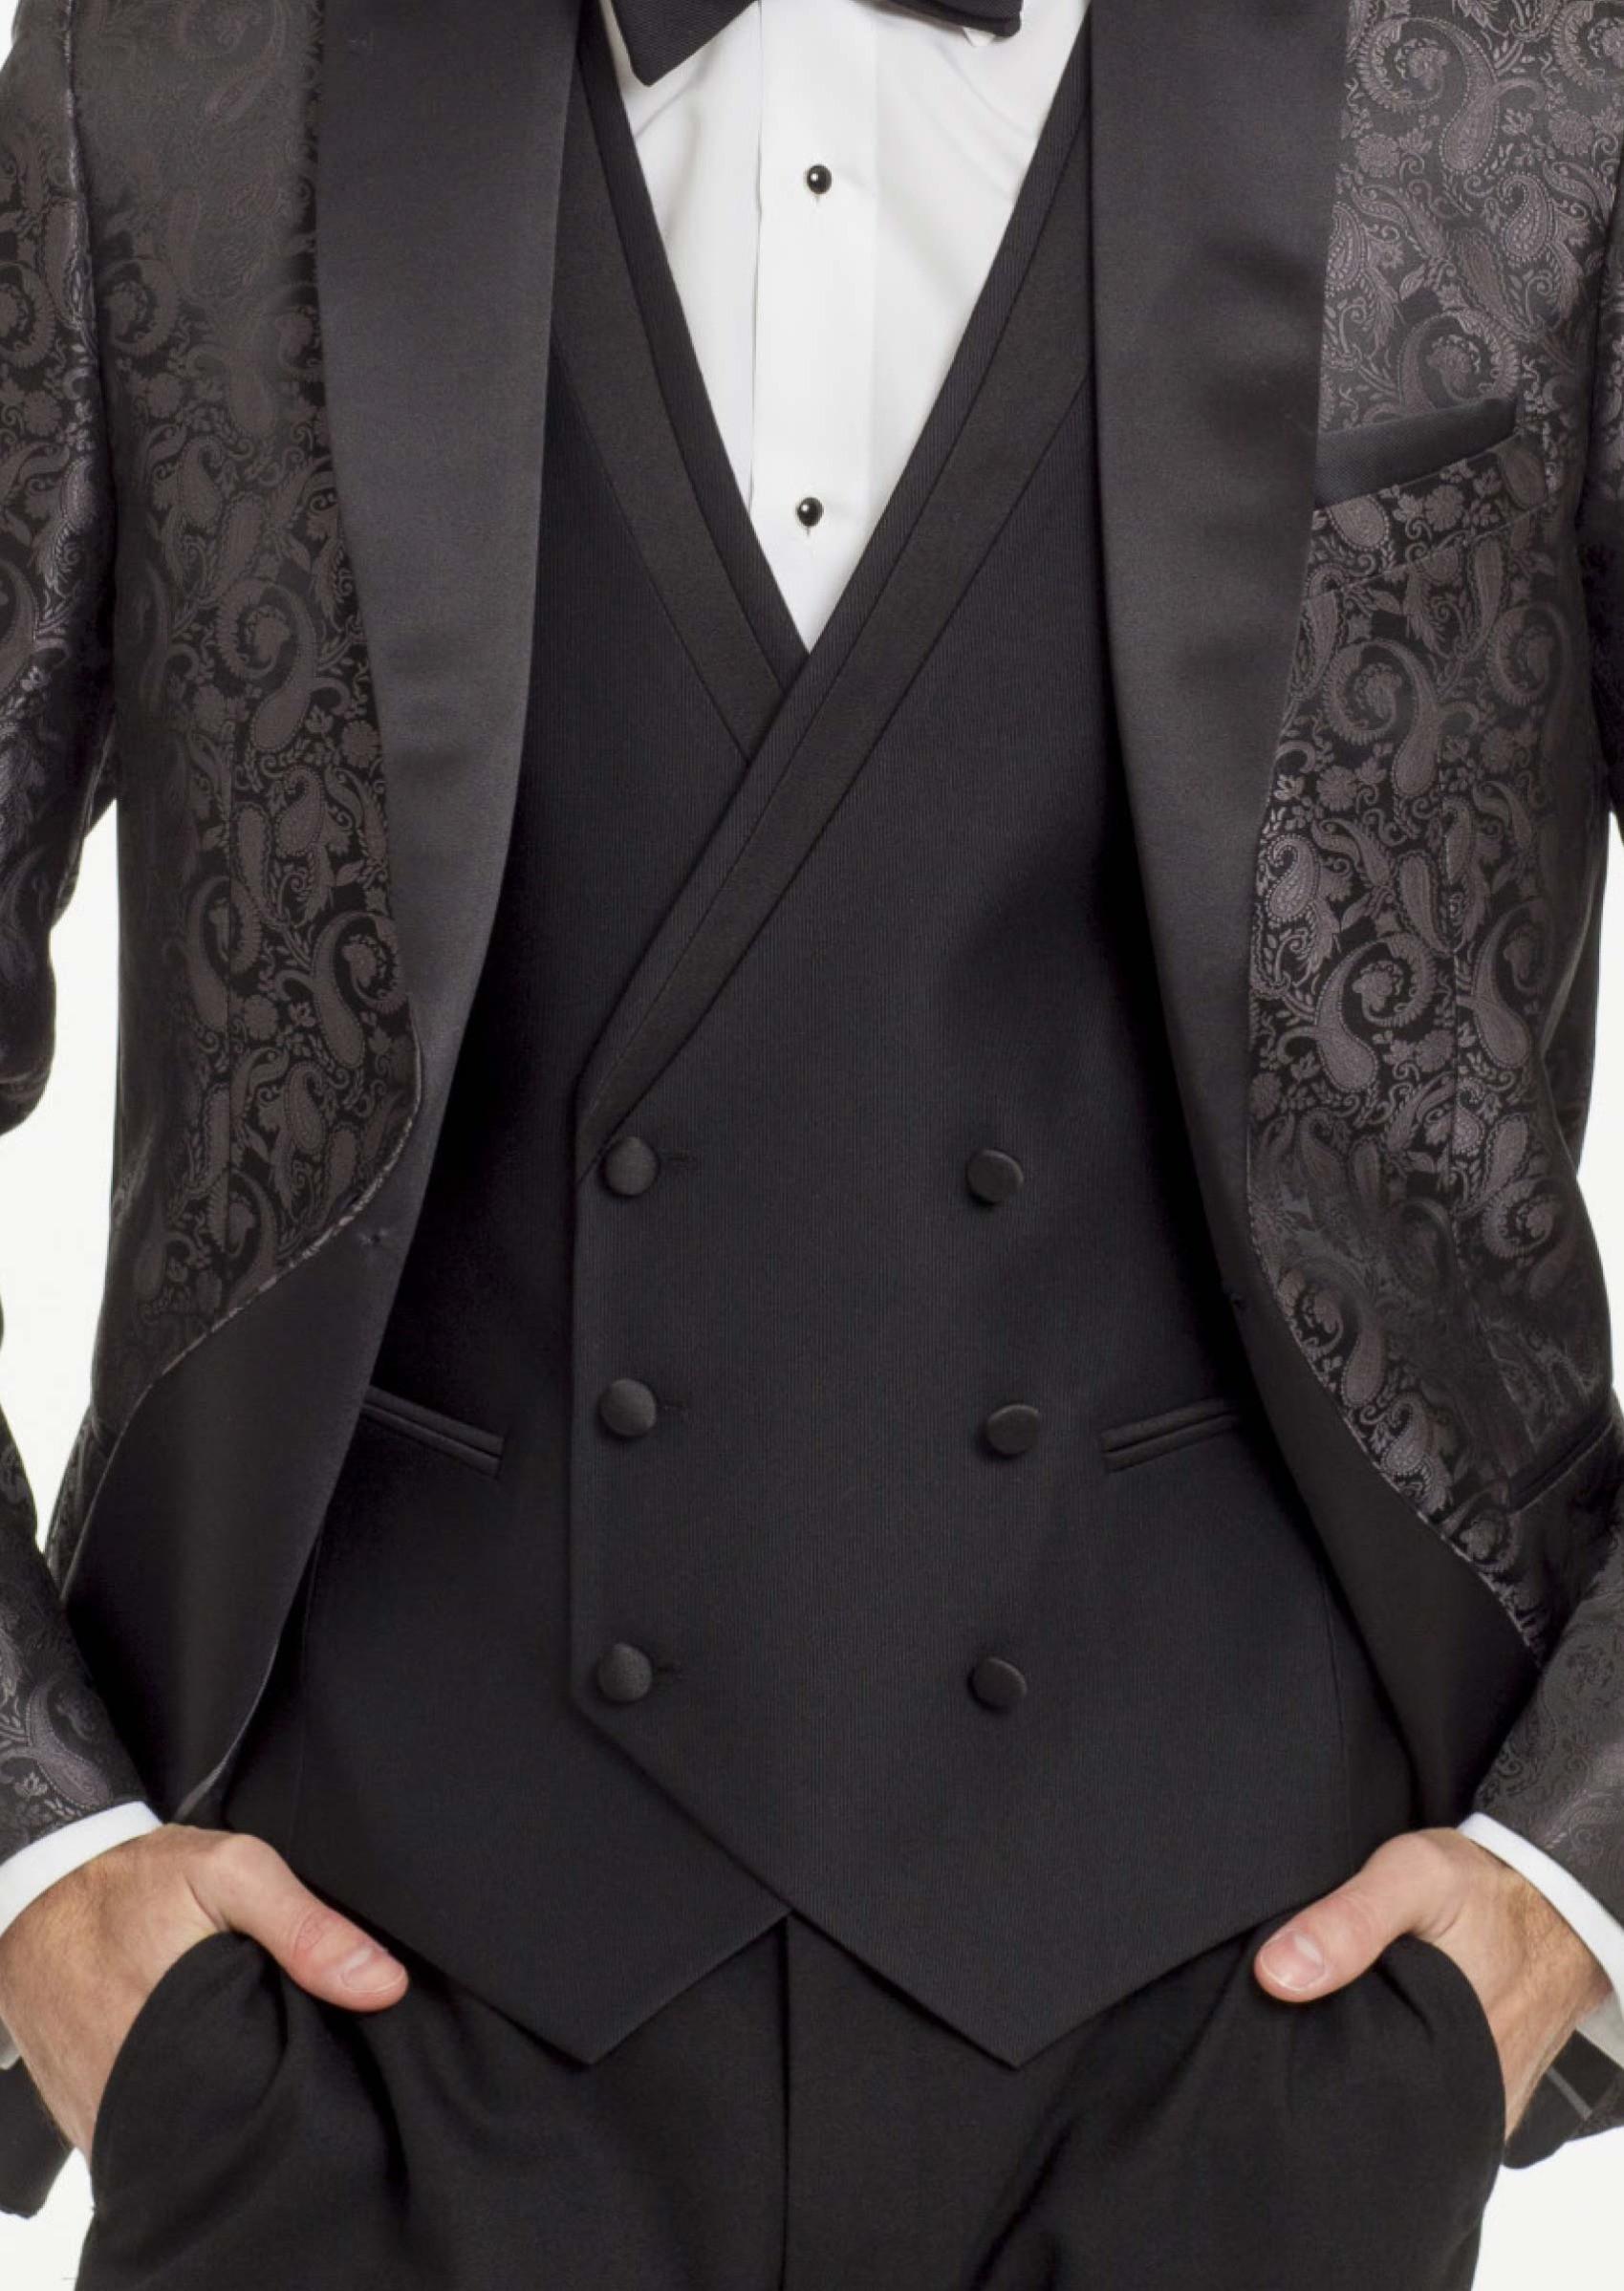 Tux/Suit Pick up or Return